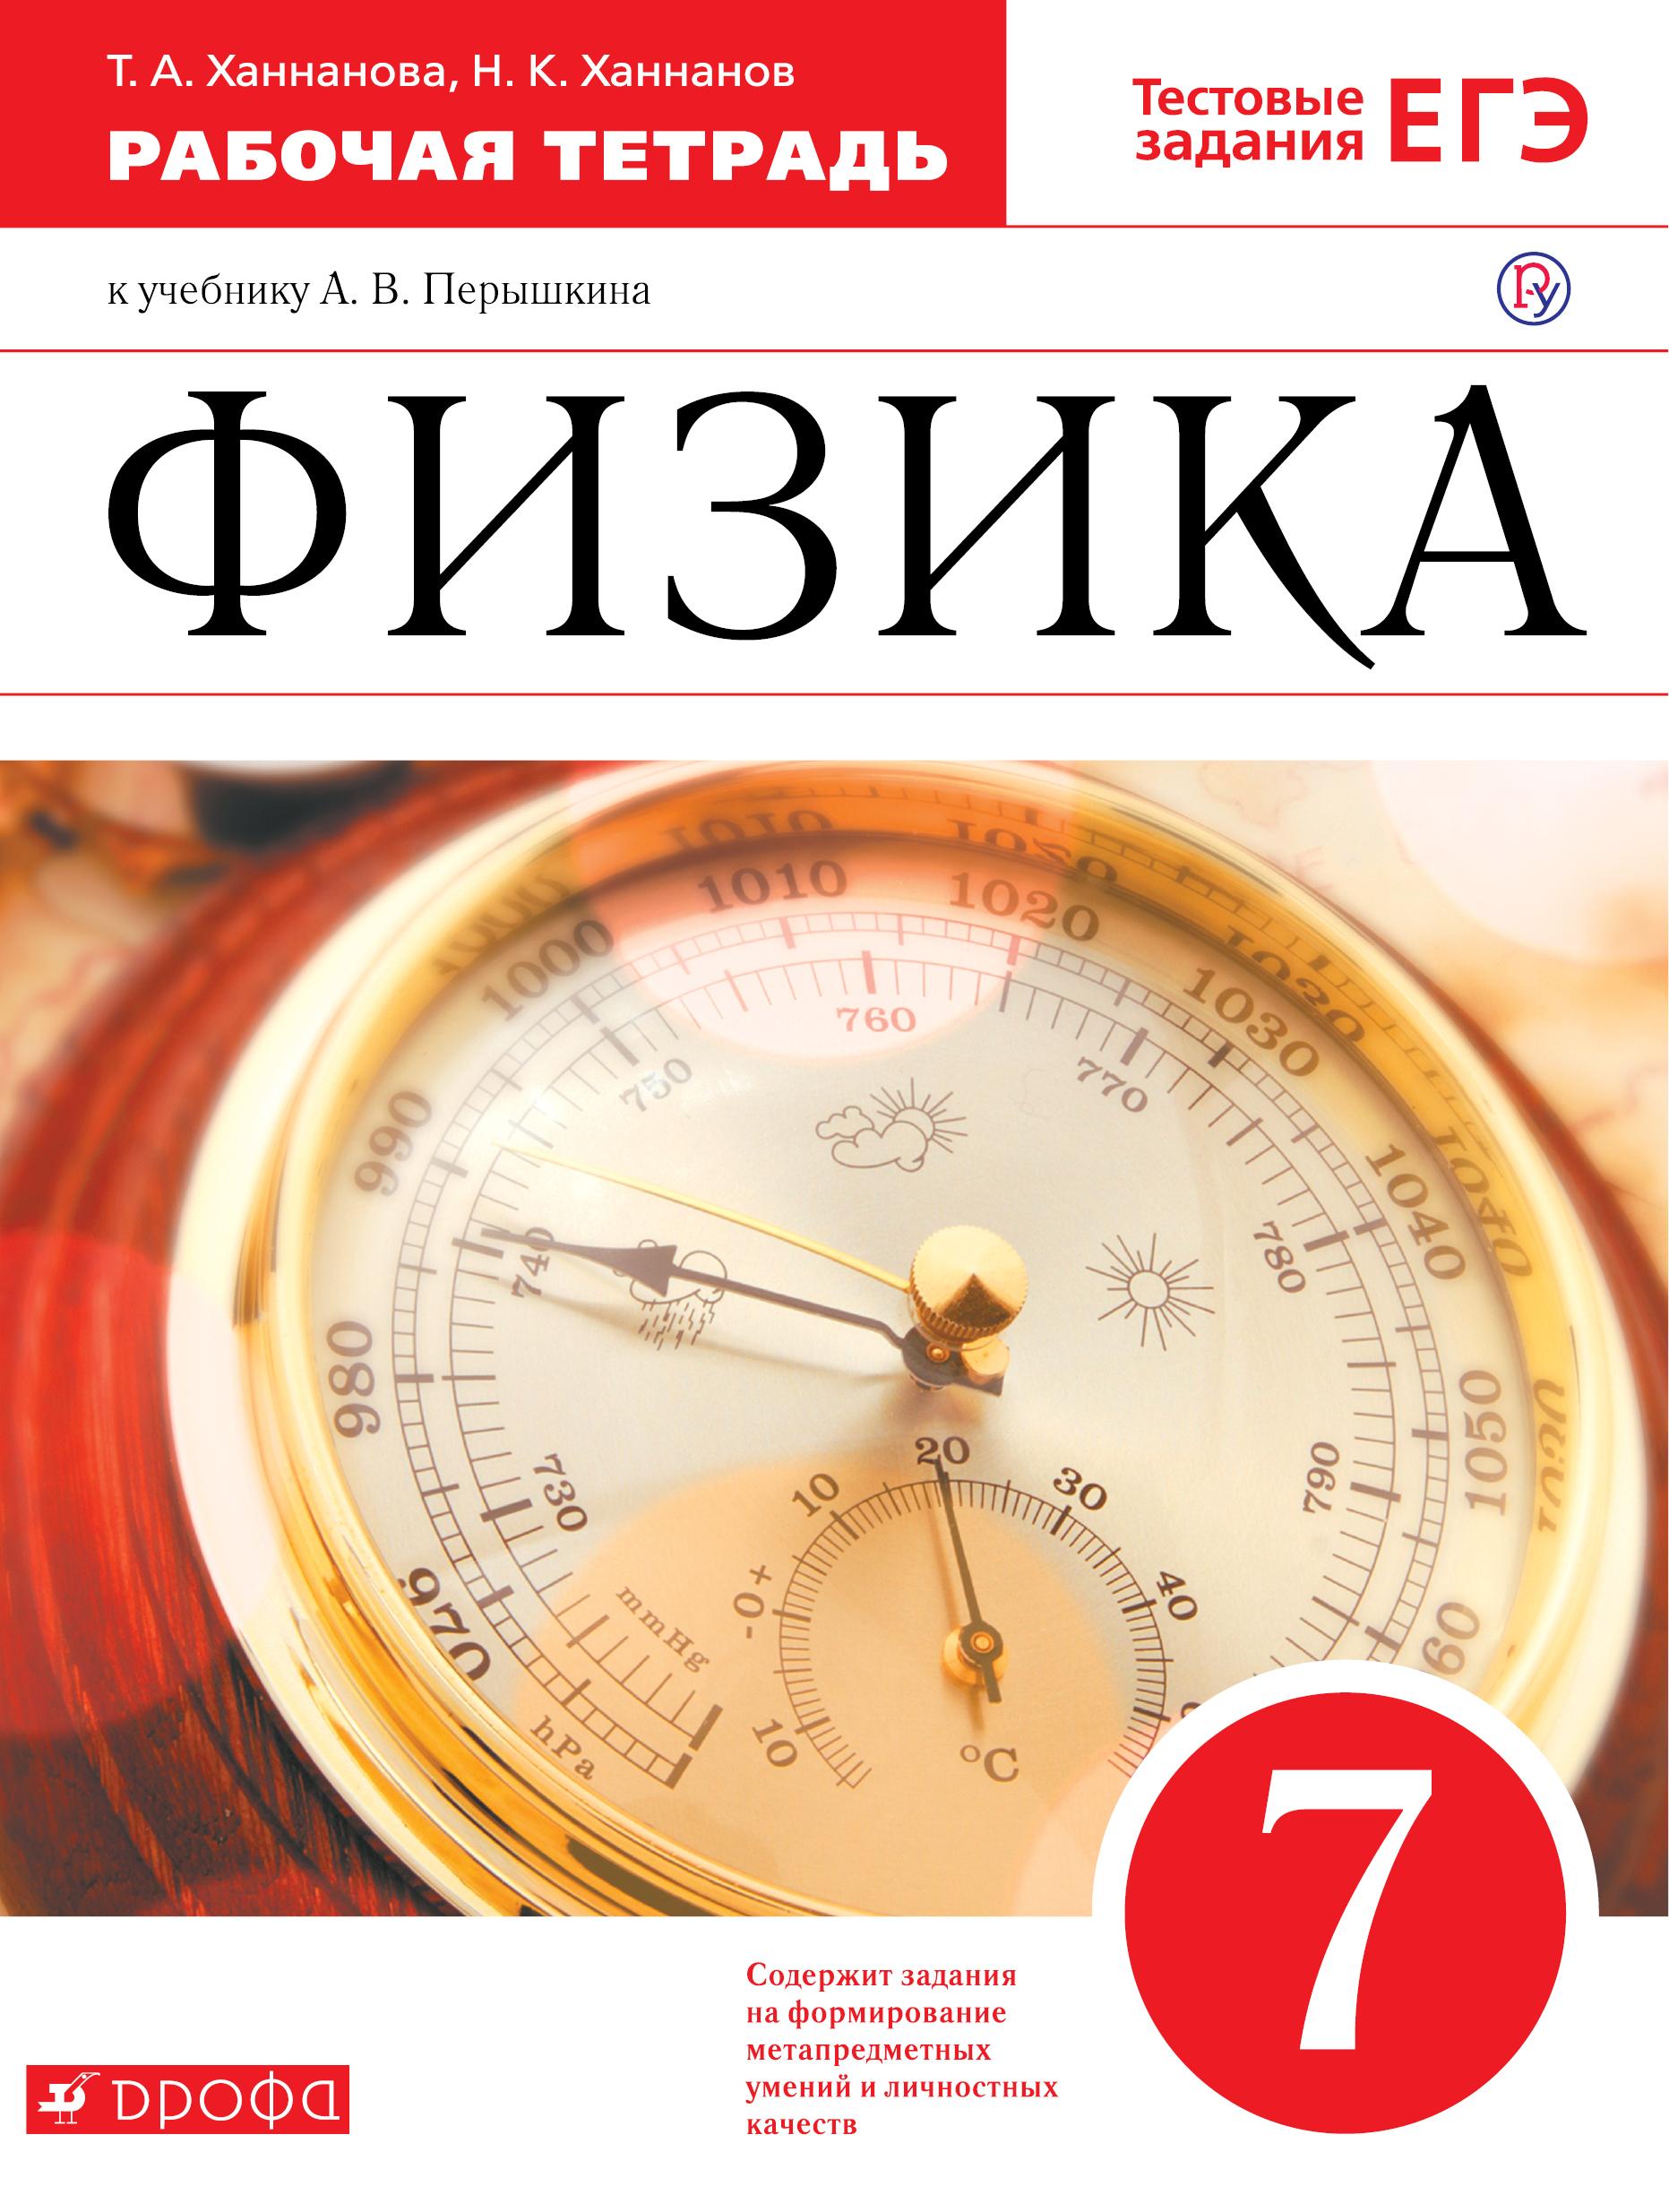 Ханнанов Н.К., Ханнанова Т.А. Физика. 7 класс. Рабочая тетрадь.